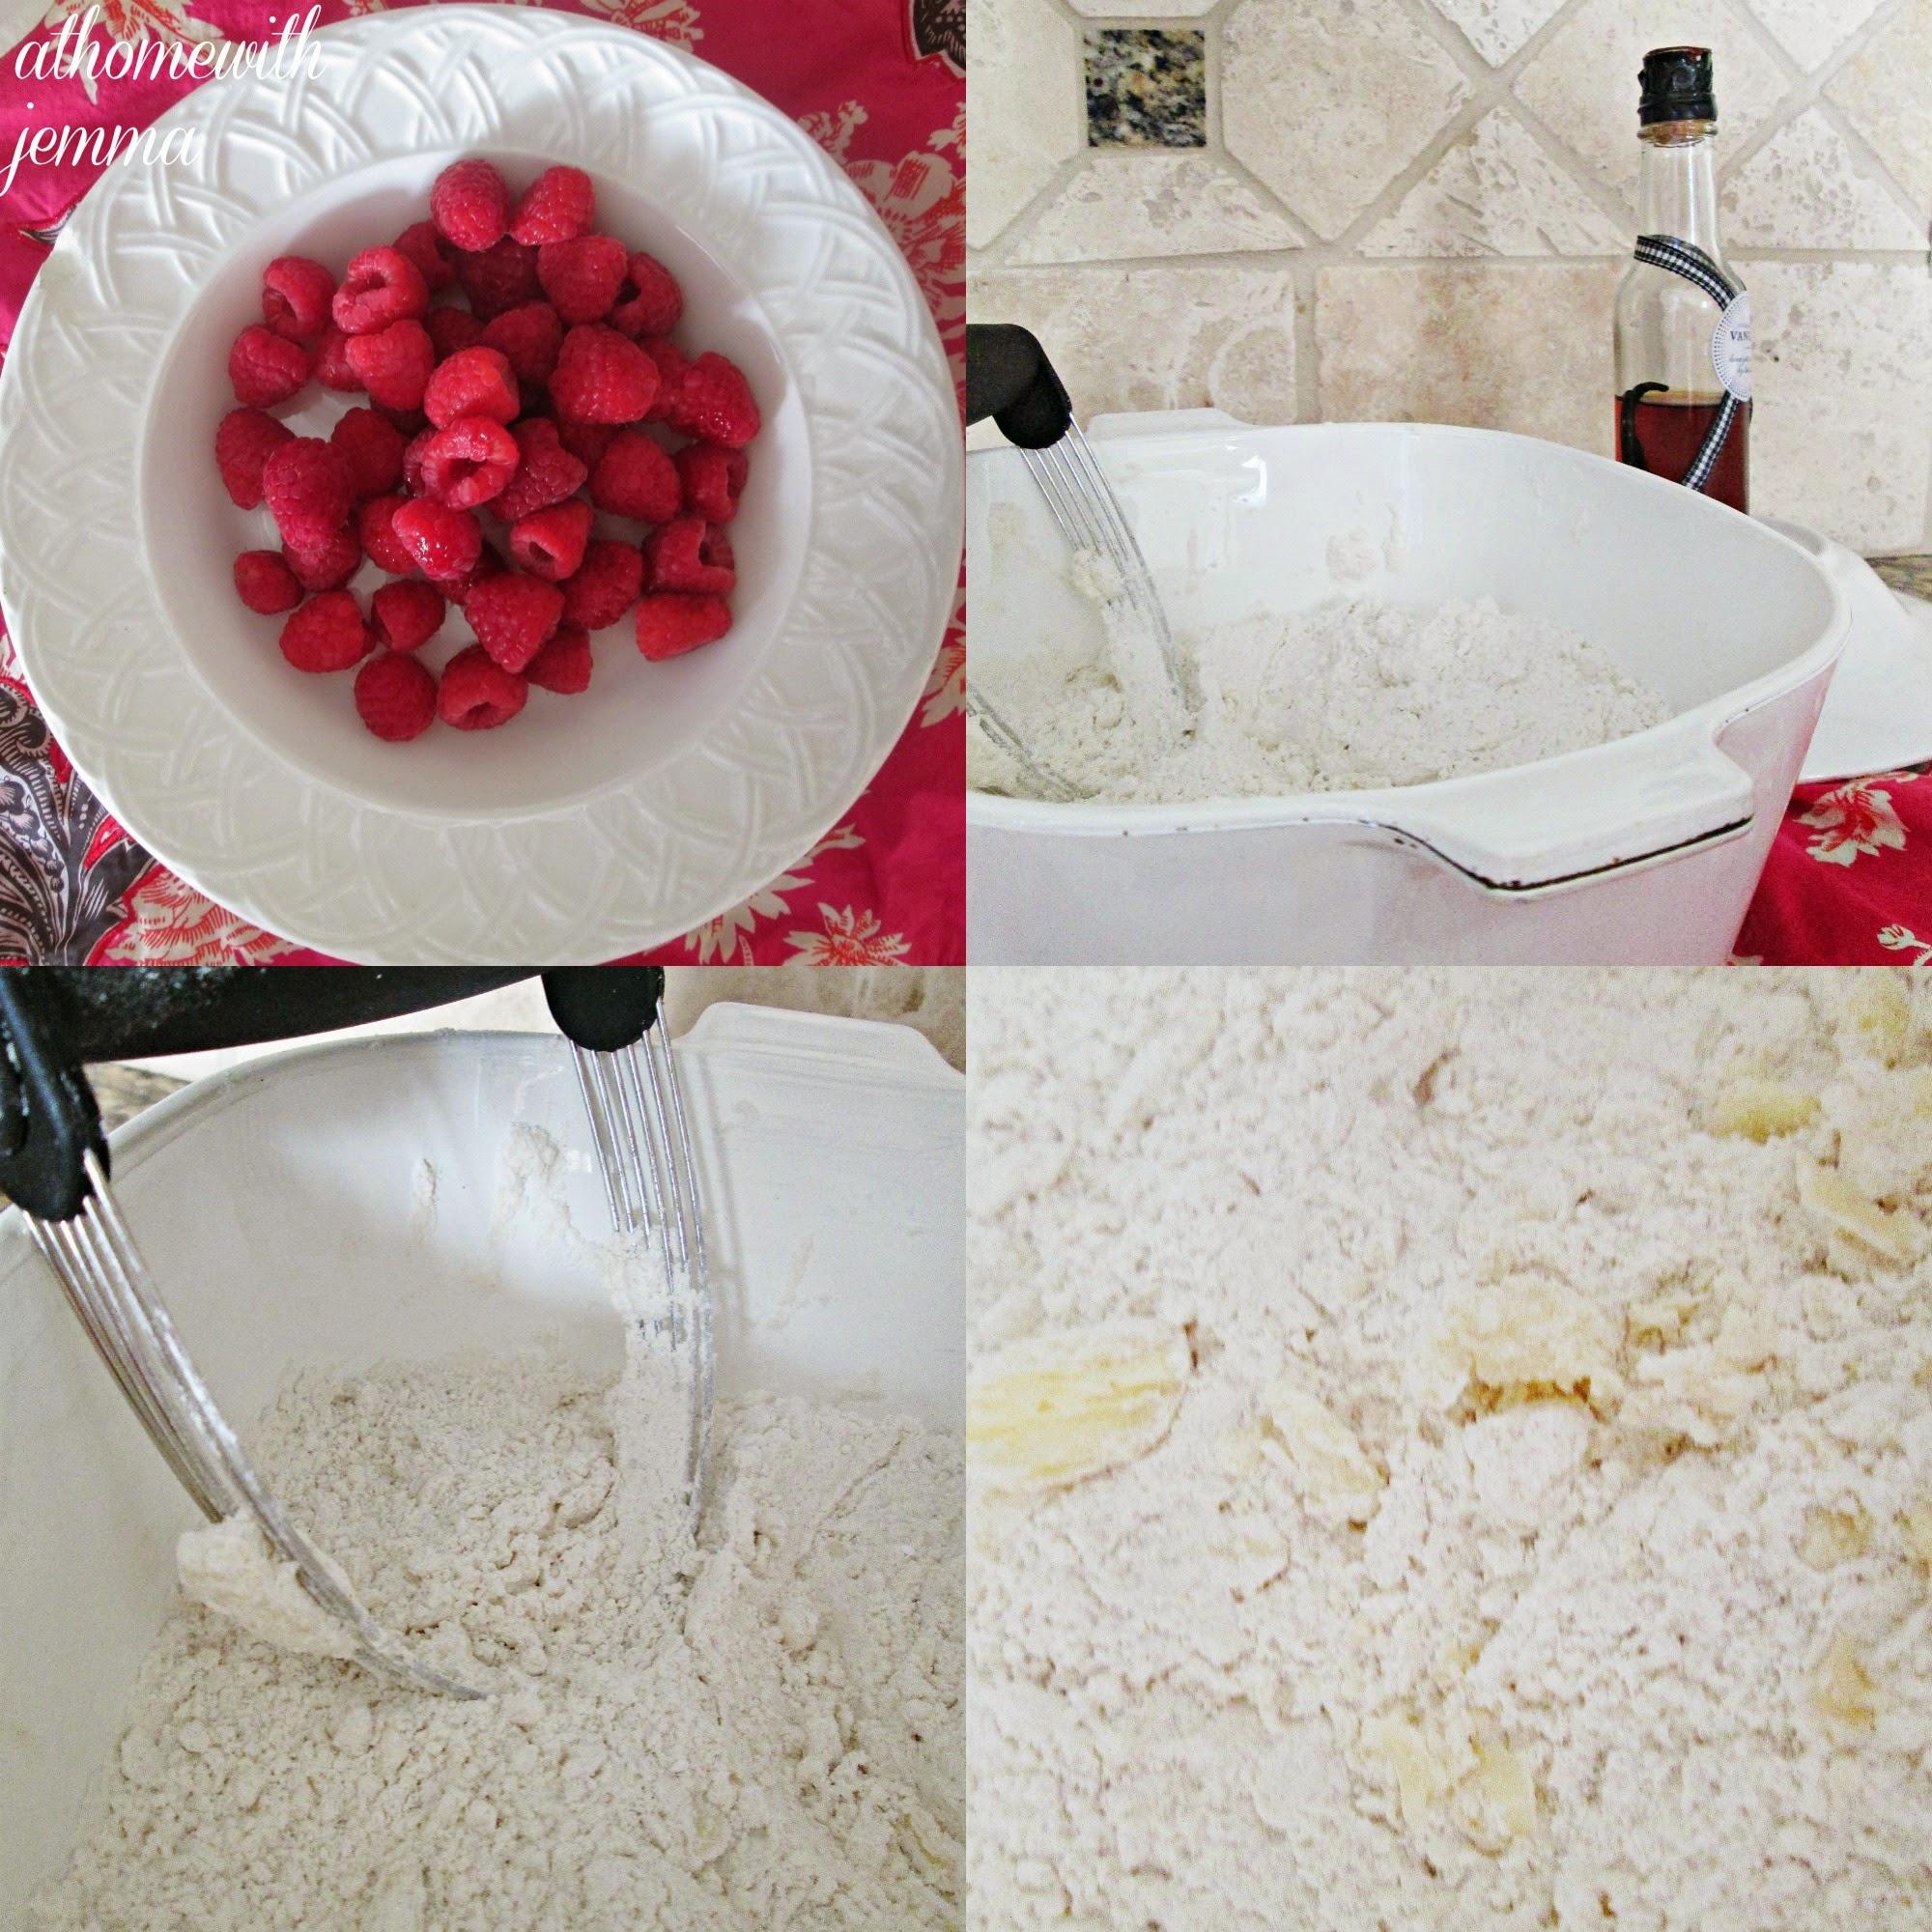 scratch-dough-scone-recipe-raspberry-easy